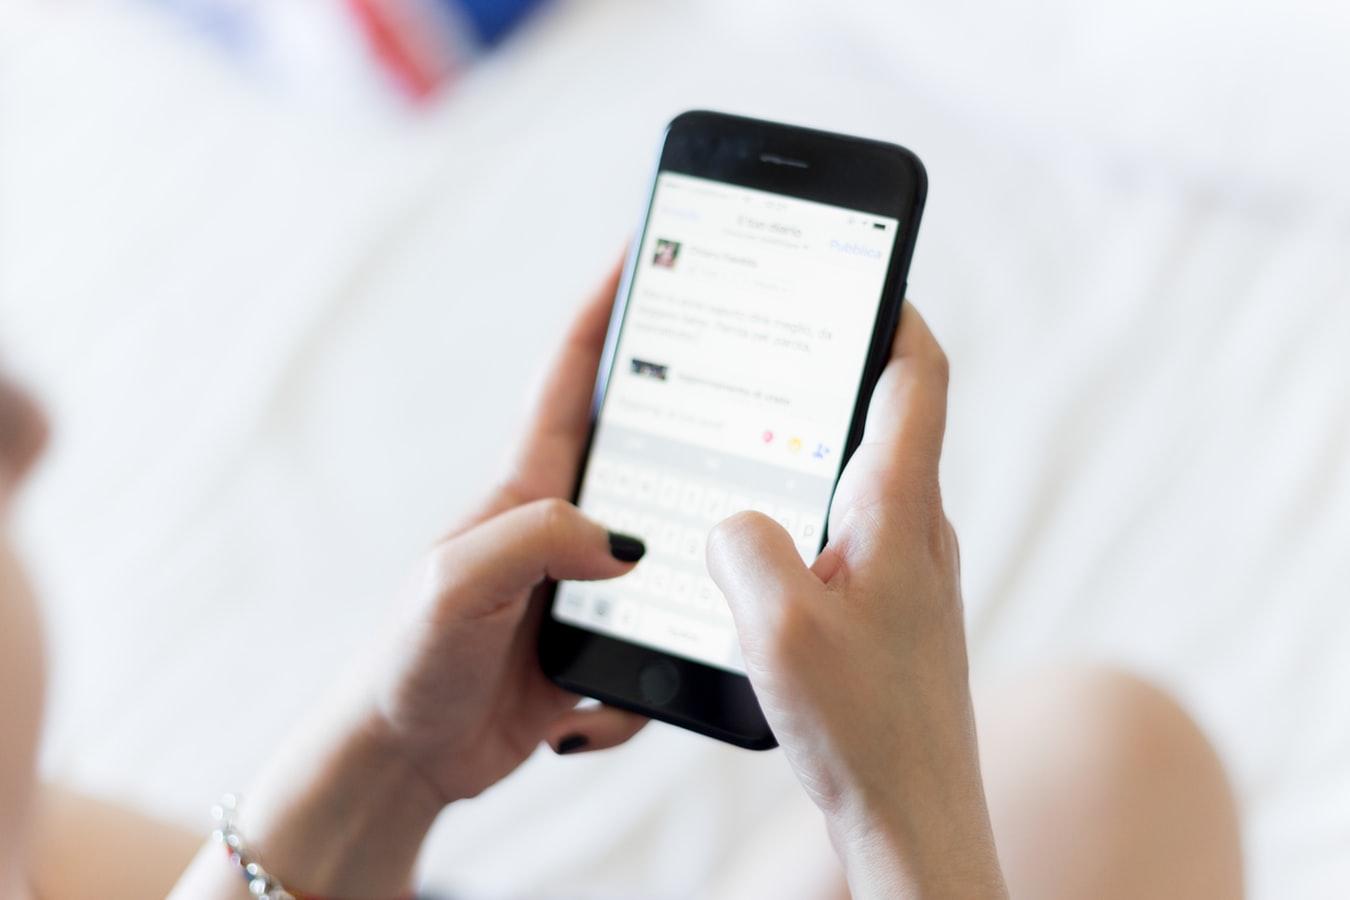 Obtain a US SIM card for Cell Phone